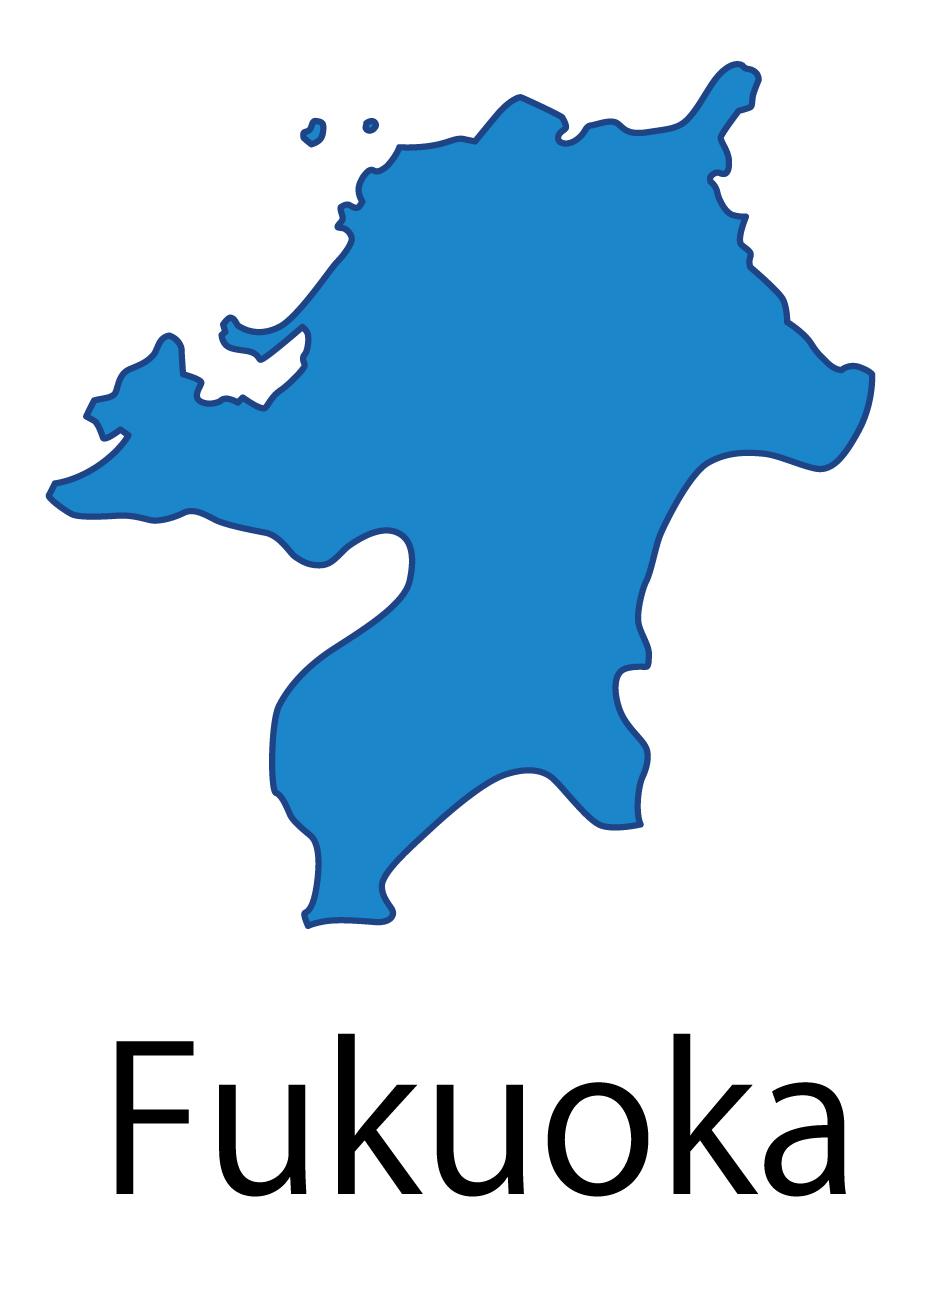 福岡県無料フリーイラスト|英語・都道府県名あり(青)